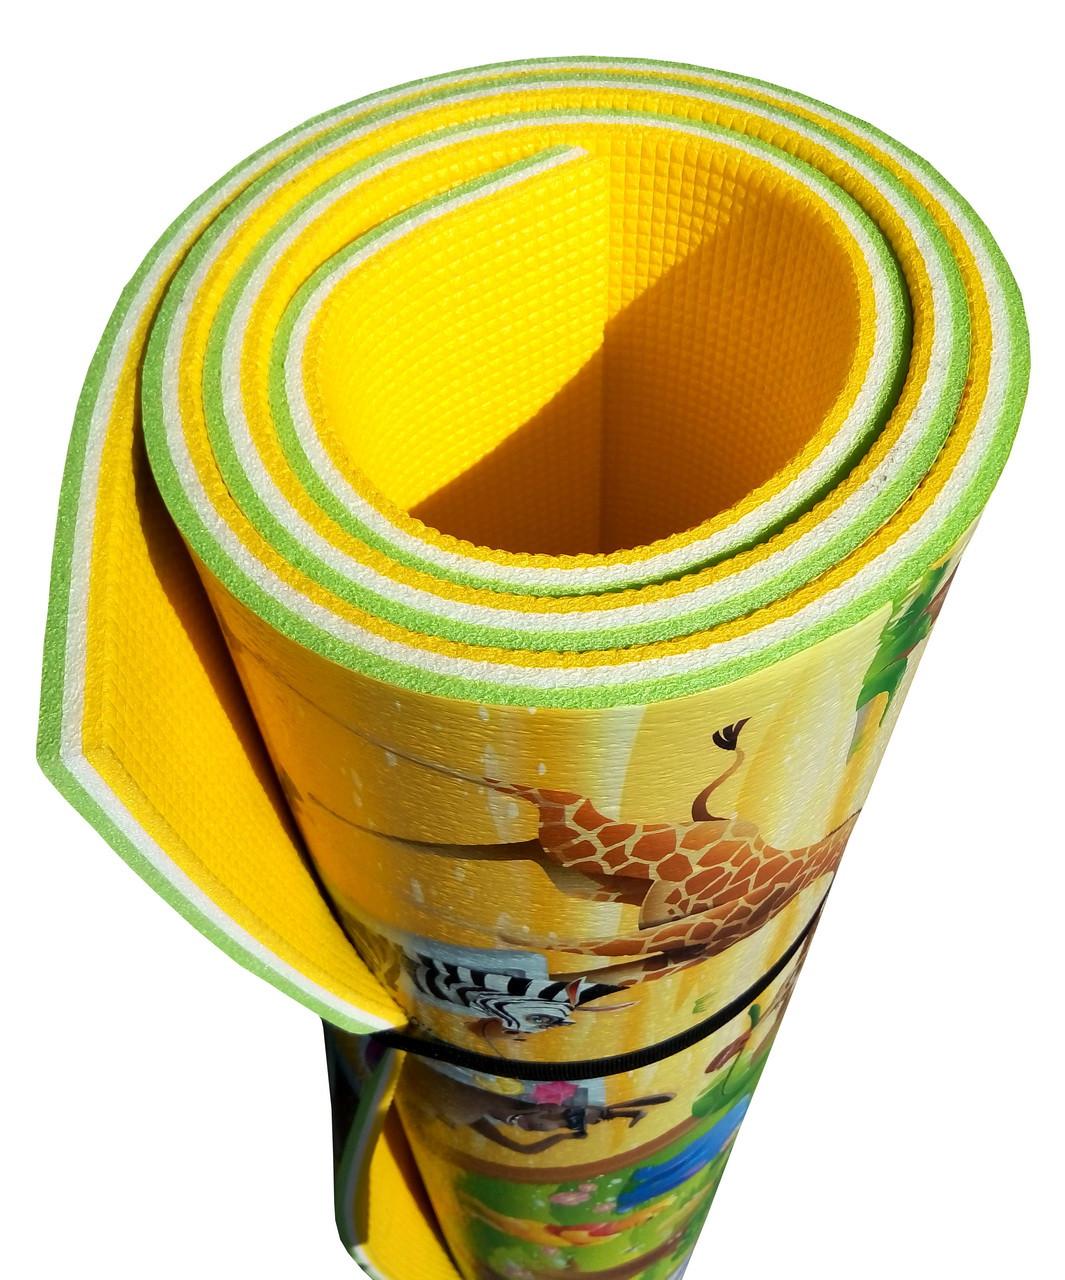 Дитячий килимок для повзання дитини «Мадагаскар» PREMIUM XL 2000х1200х12 мм